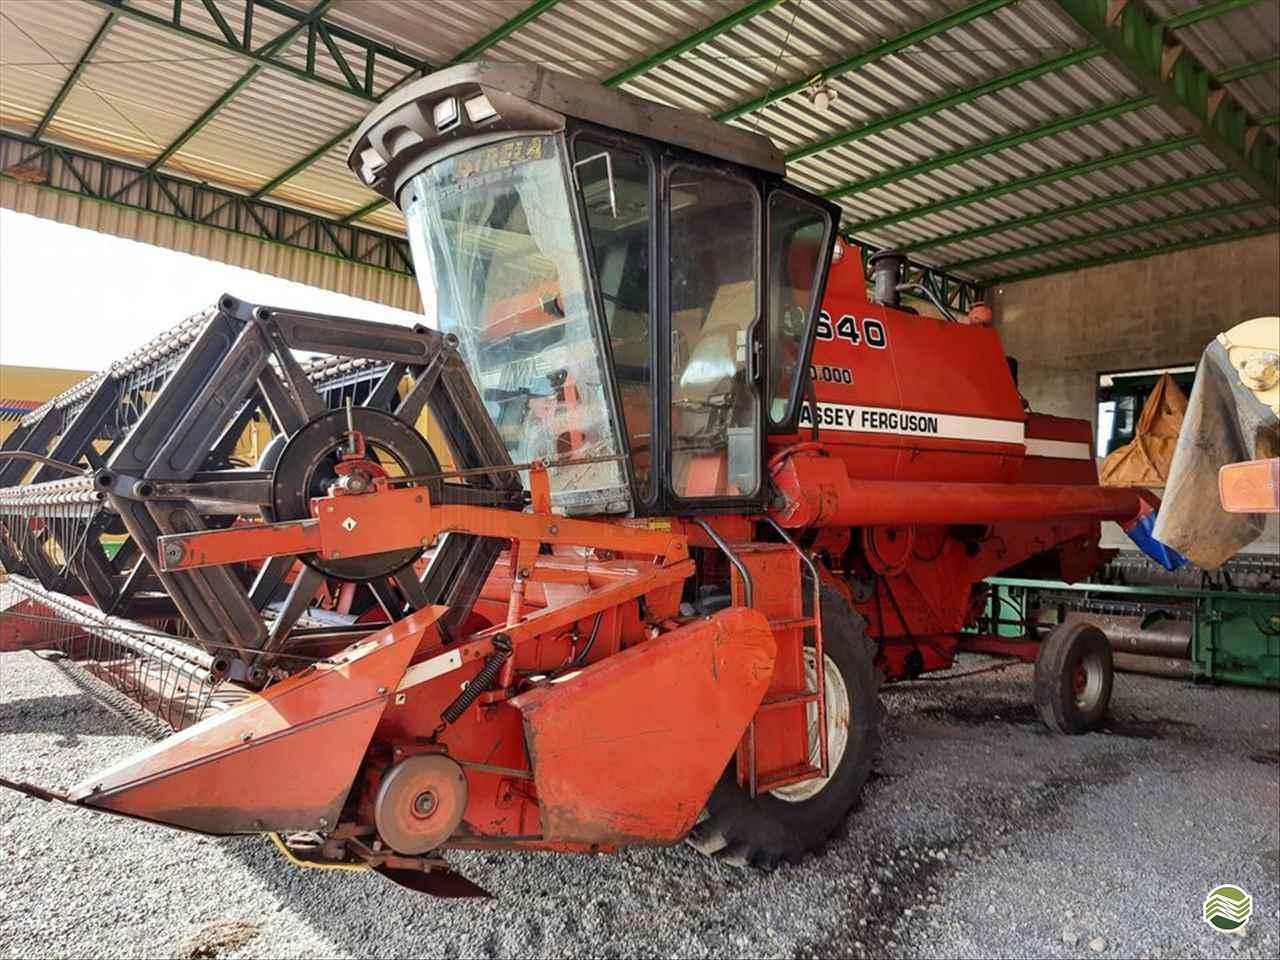 COLHEITADEIRA MASSEY FERGUSON MF 3640 Lima Máquinas Agrícolas SAO MARTINHO RIO GRANDE DO SUL RS